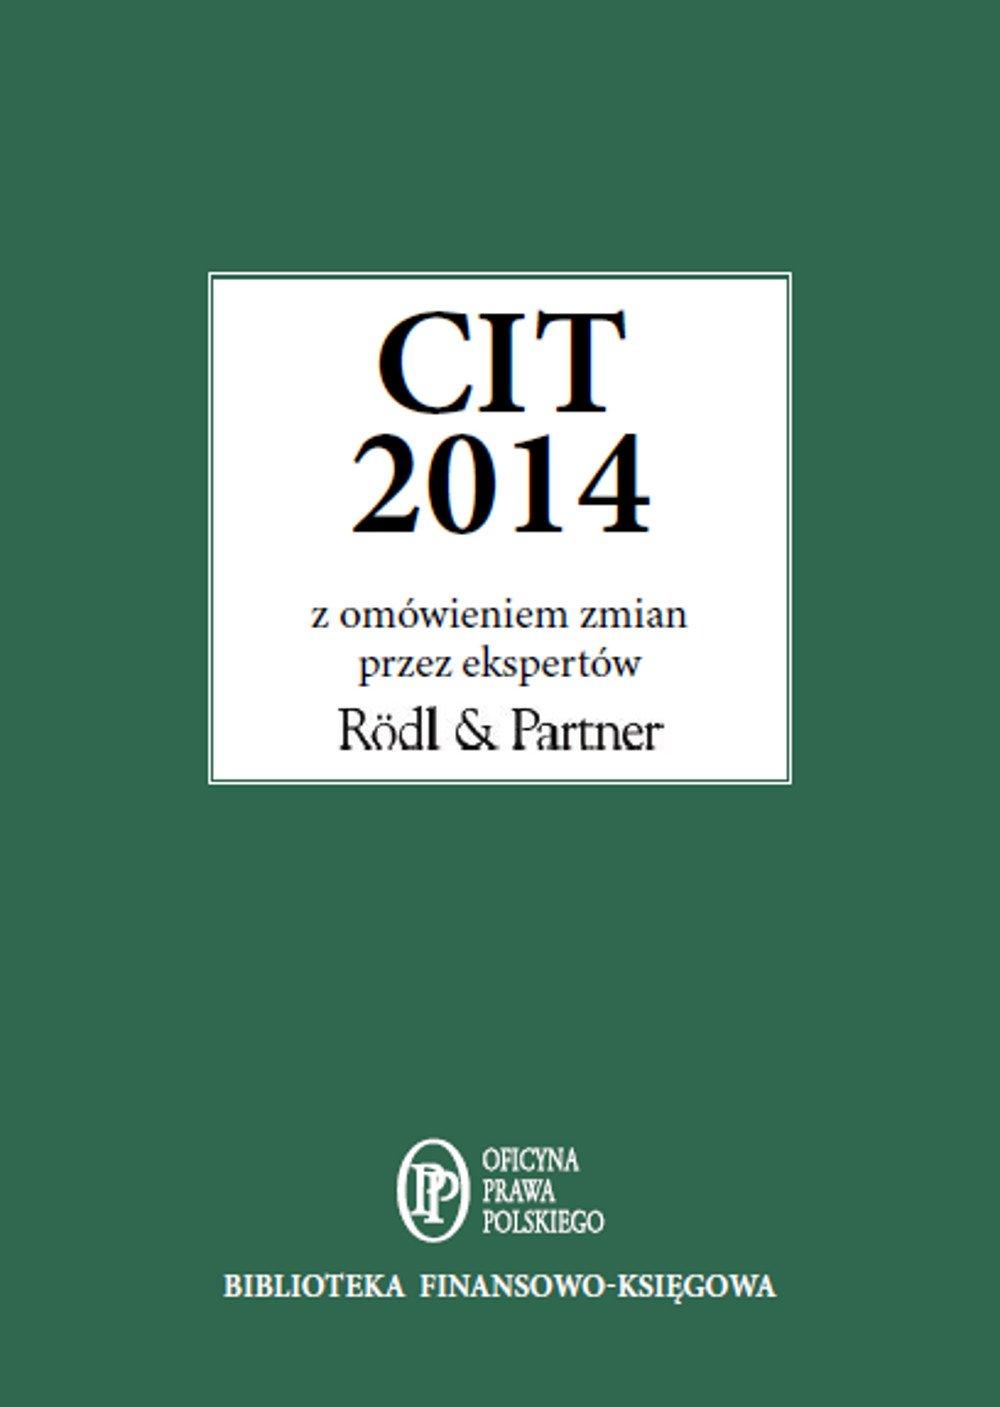 CIT 2014 z omówieniem ekspertów Rödl and Partner - Ebook (Książka na Kindle) do pobrania w formacie MOBI